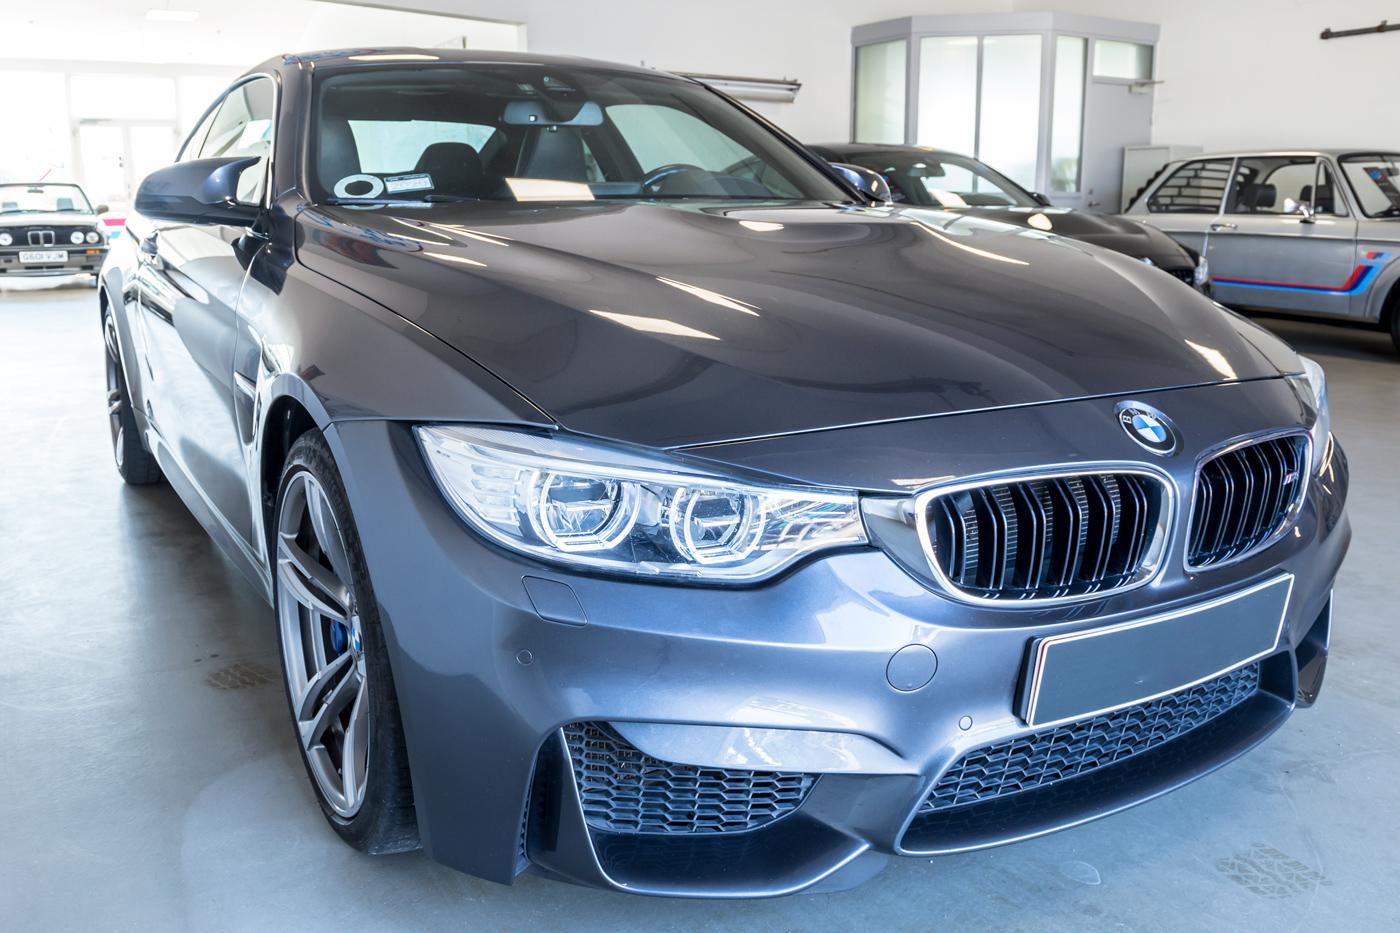 Bilfotografi af BMW M4